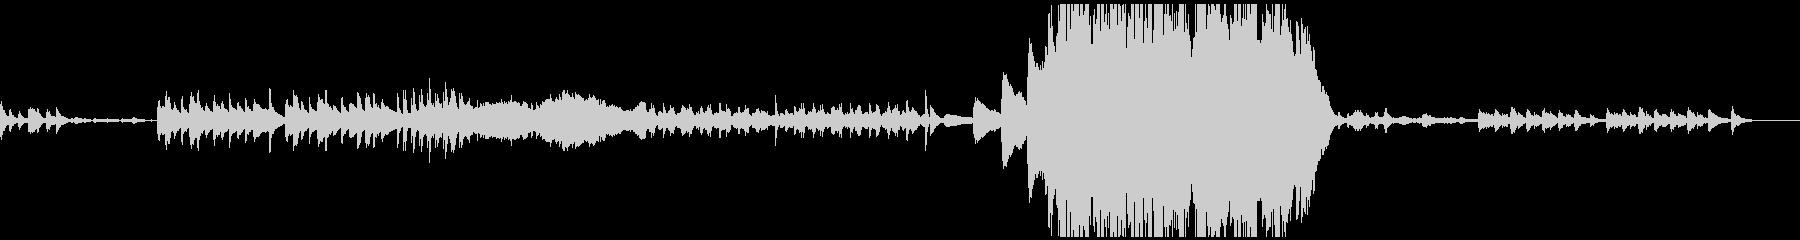 ホラー系のゲーム音楽の未再生の波形